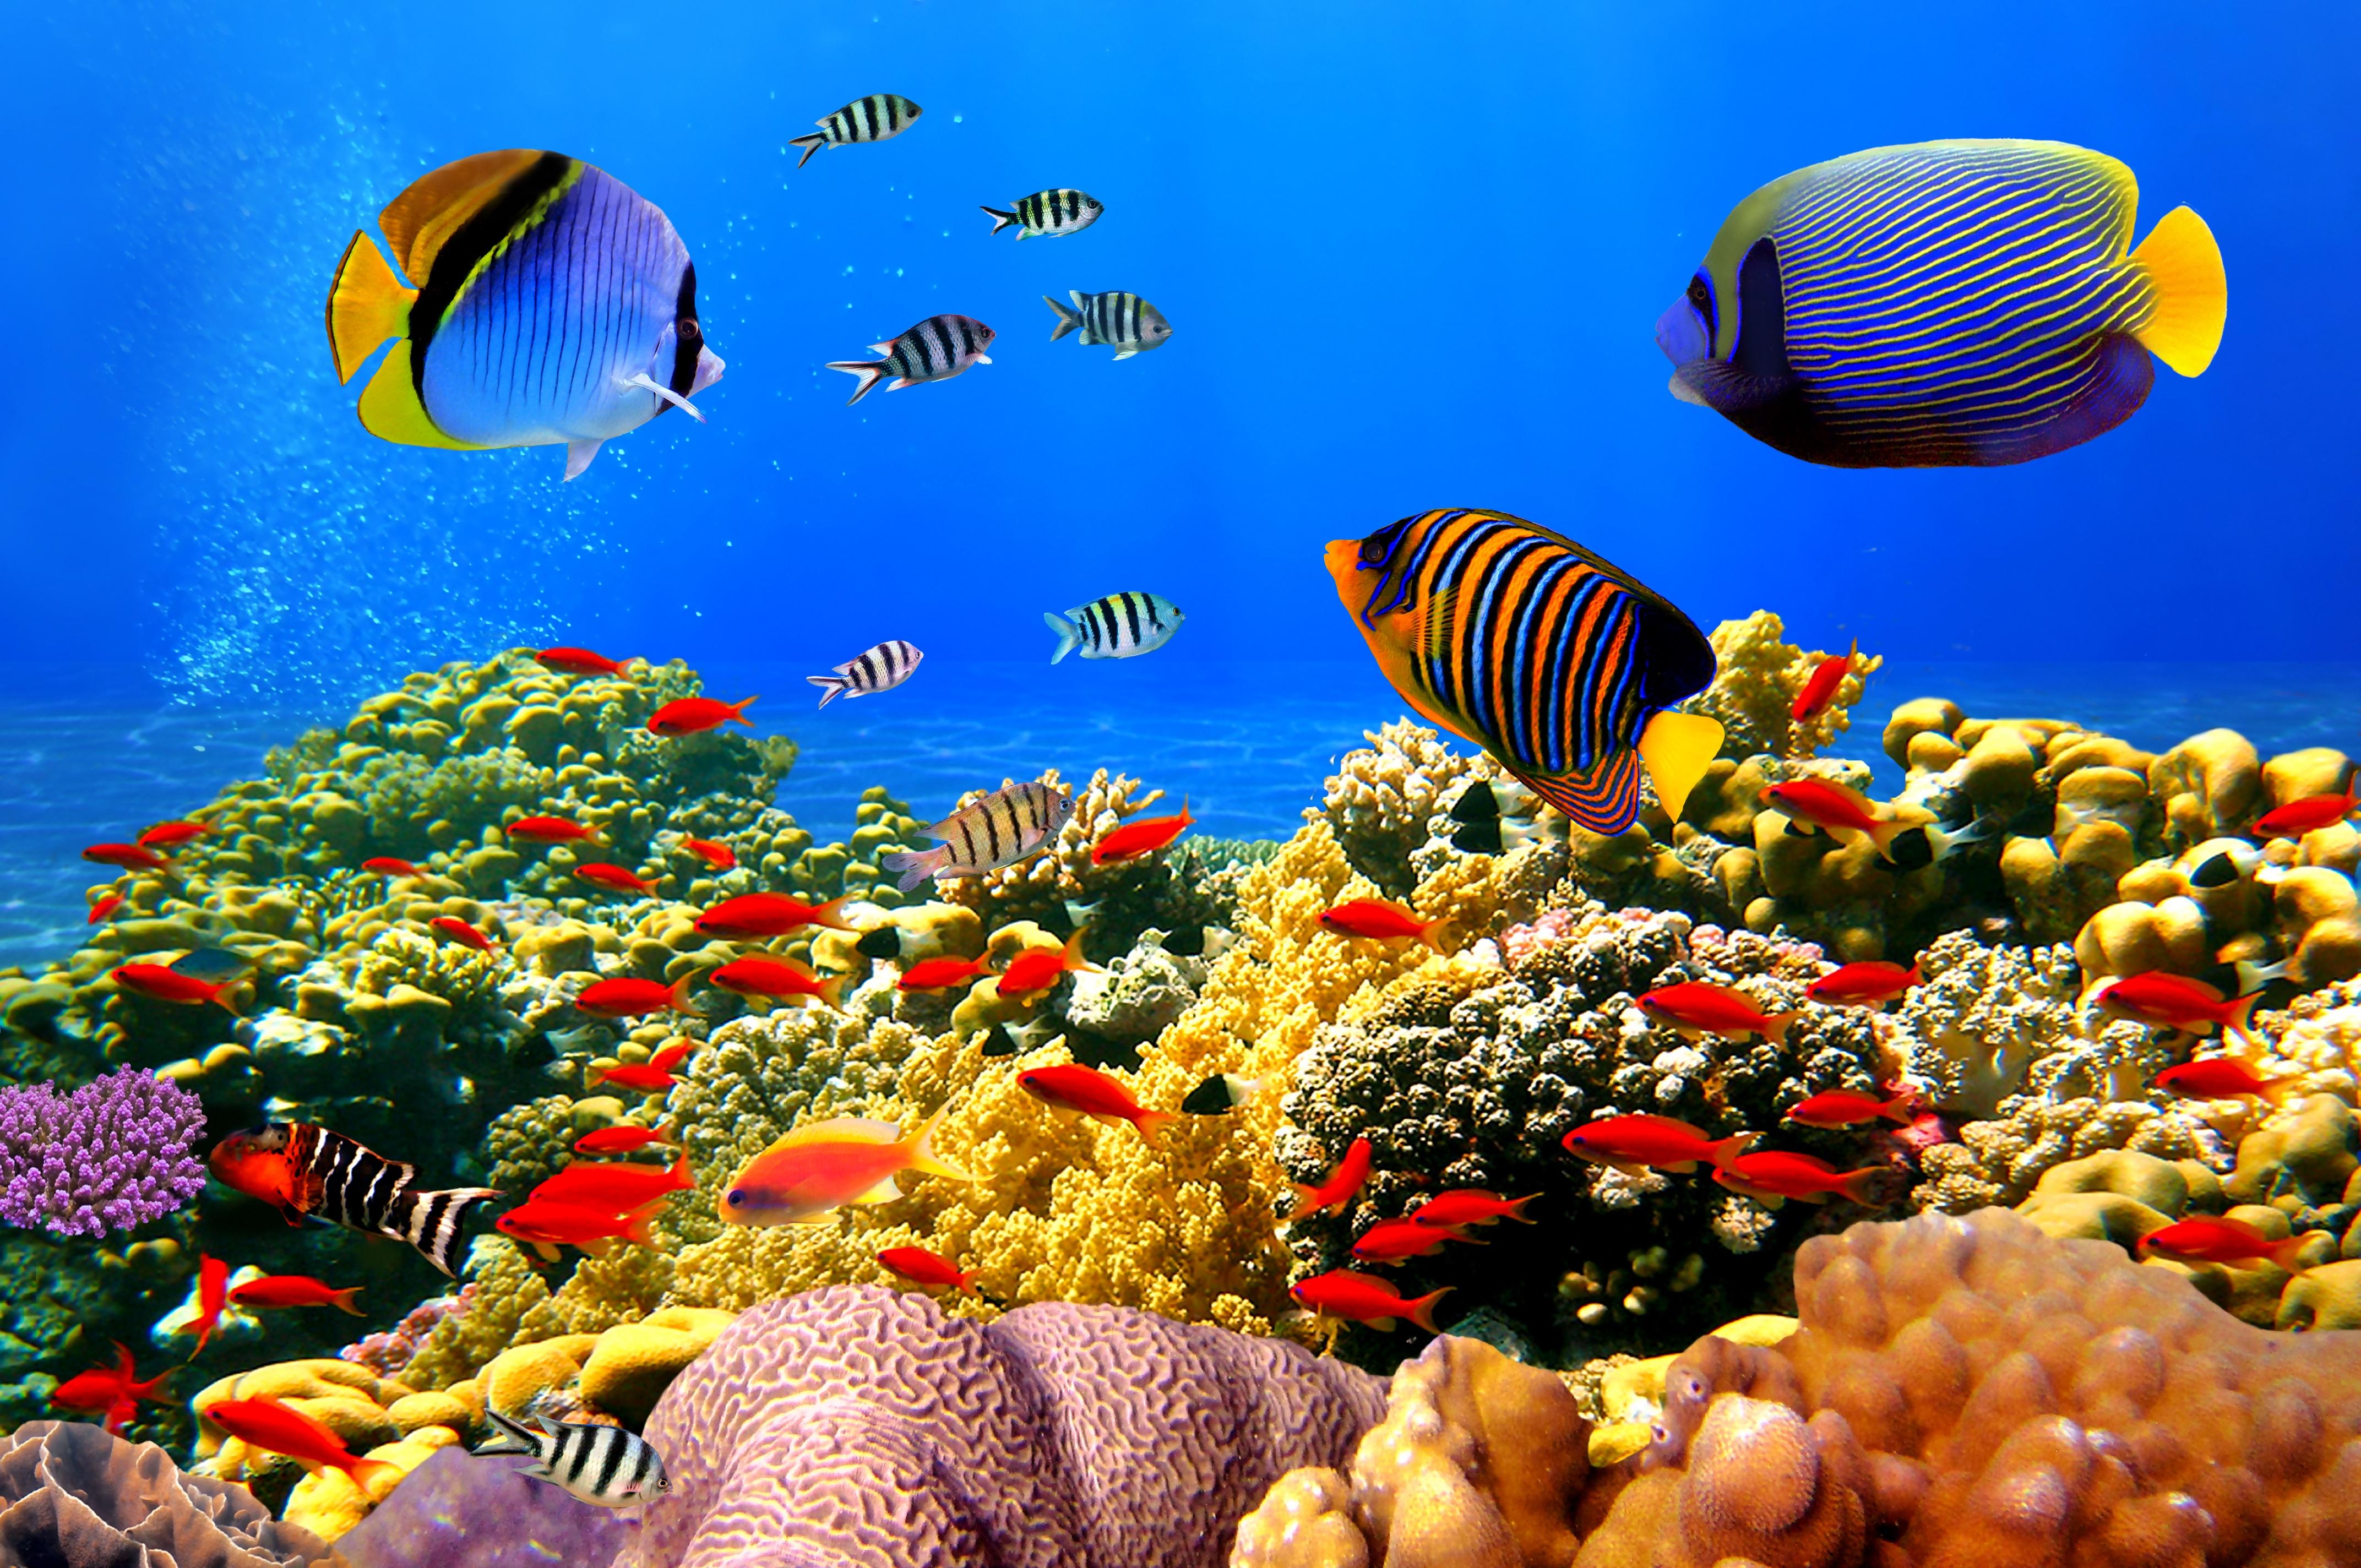 картинки дна океана с рыбками эти